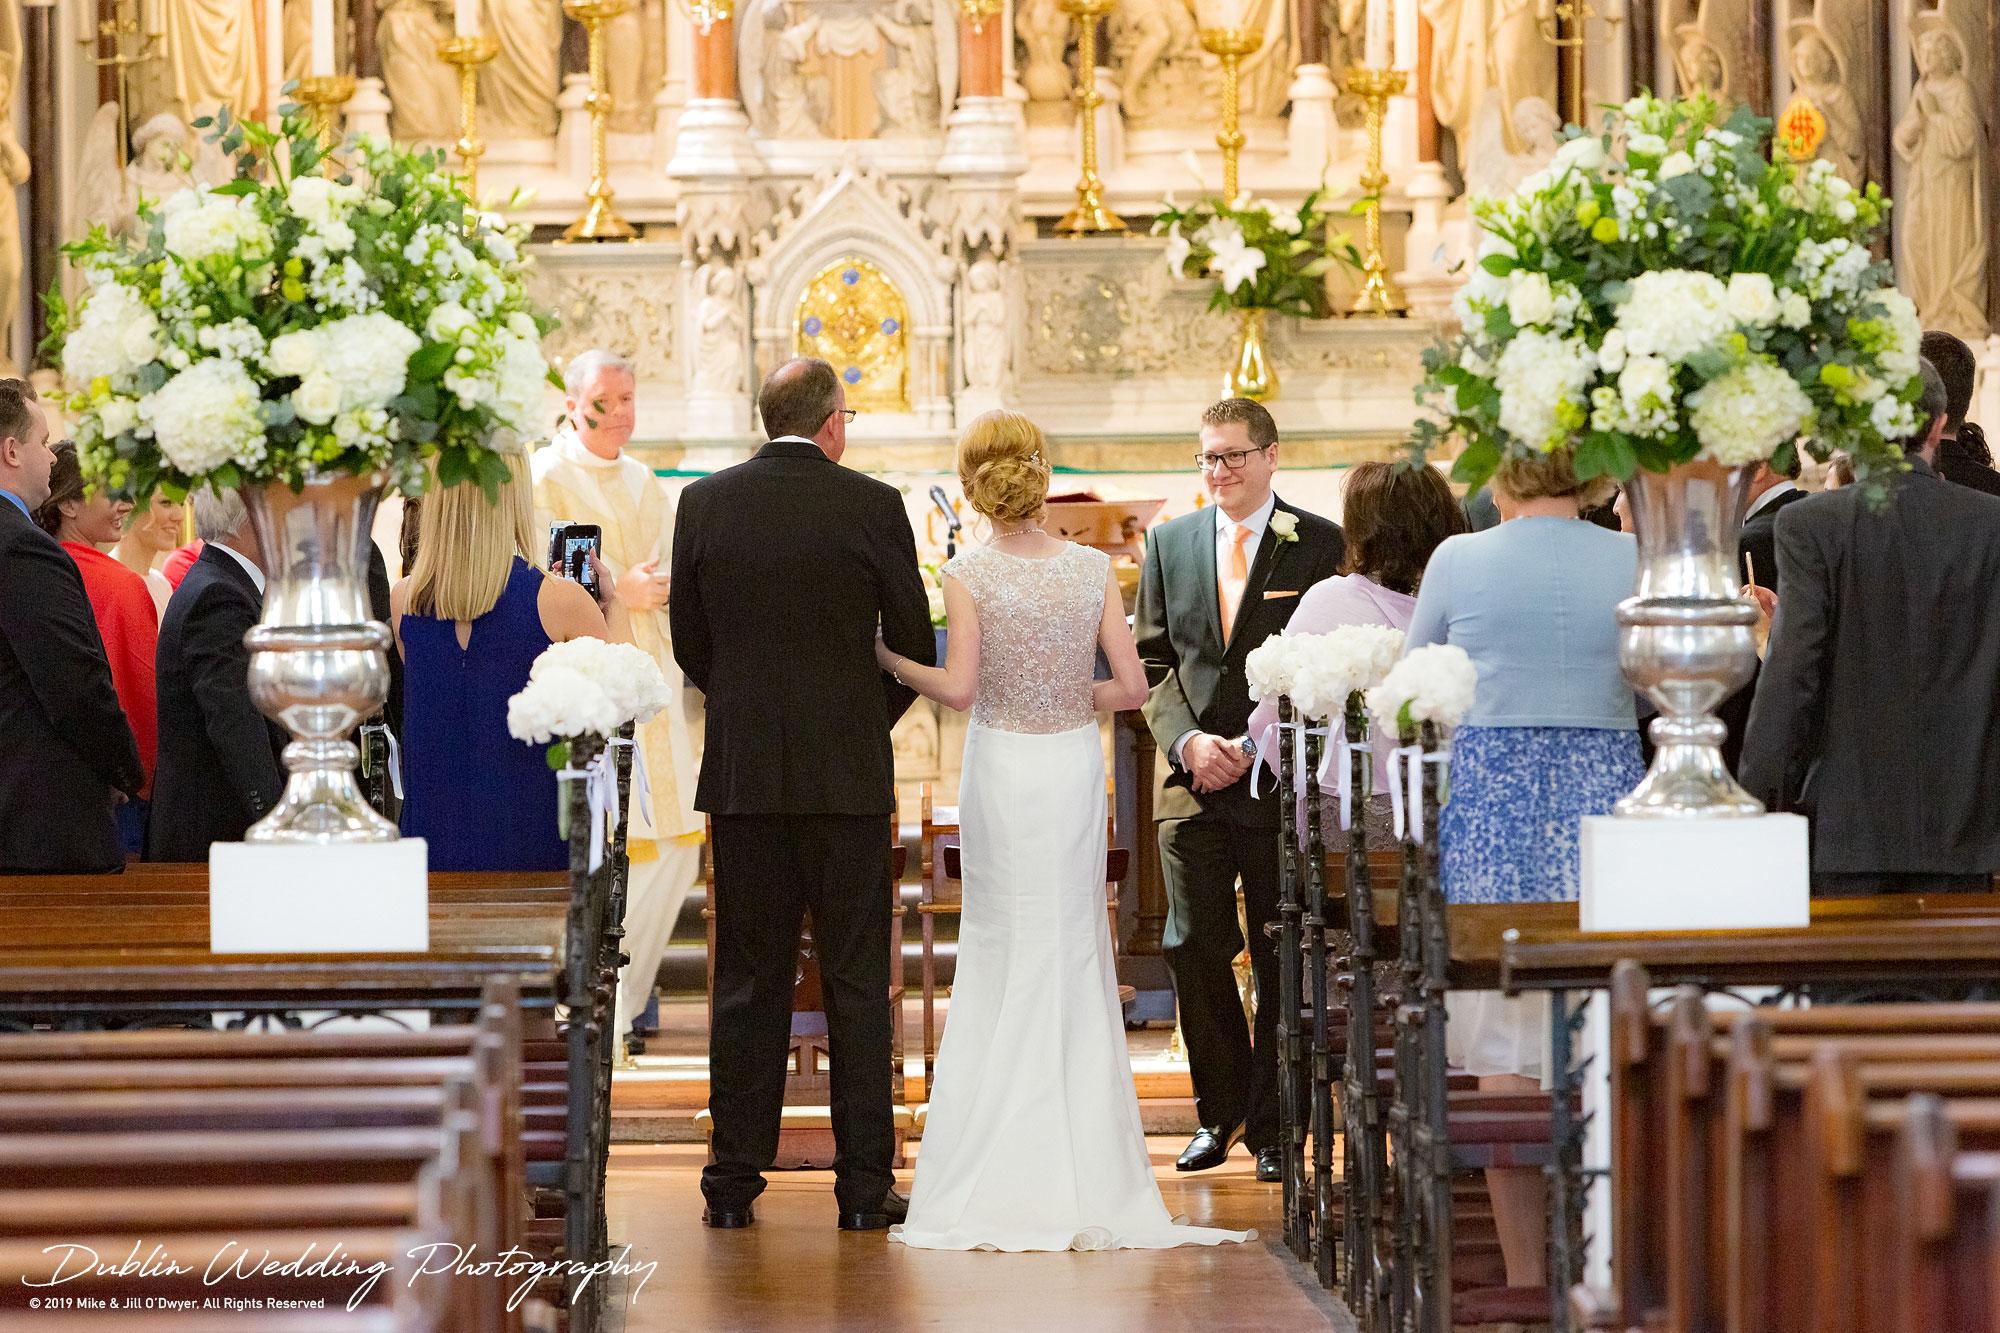 wedding-photographers-dublin-luttrellstown-castle-2016-09.jpg